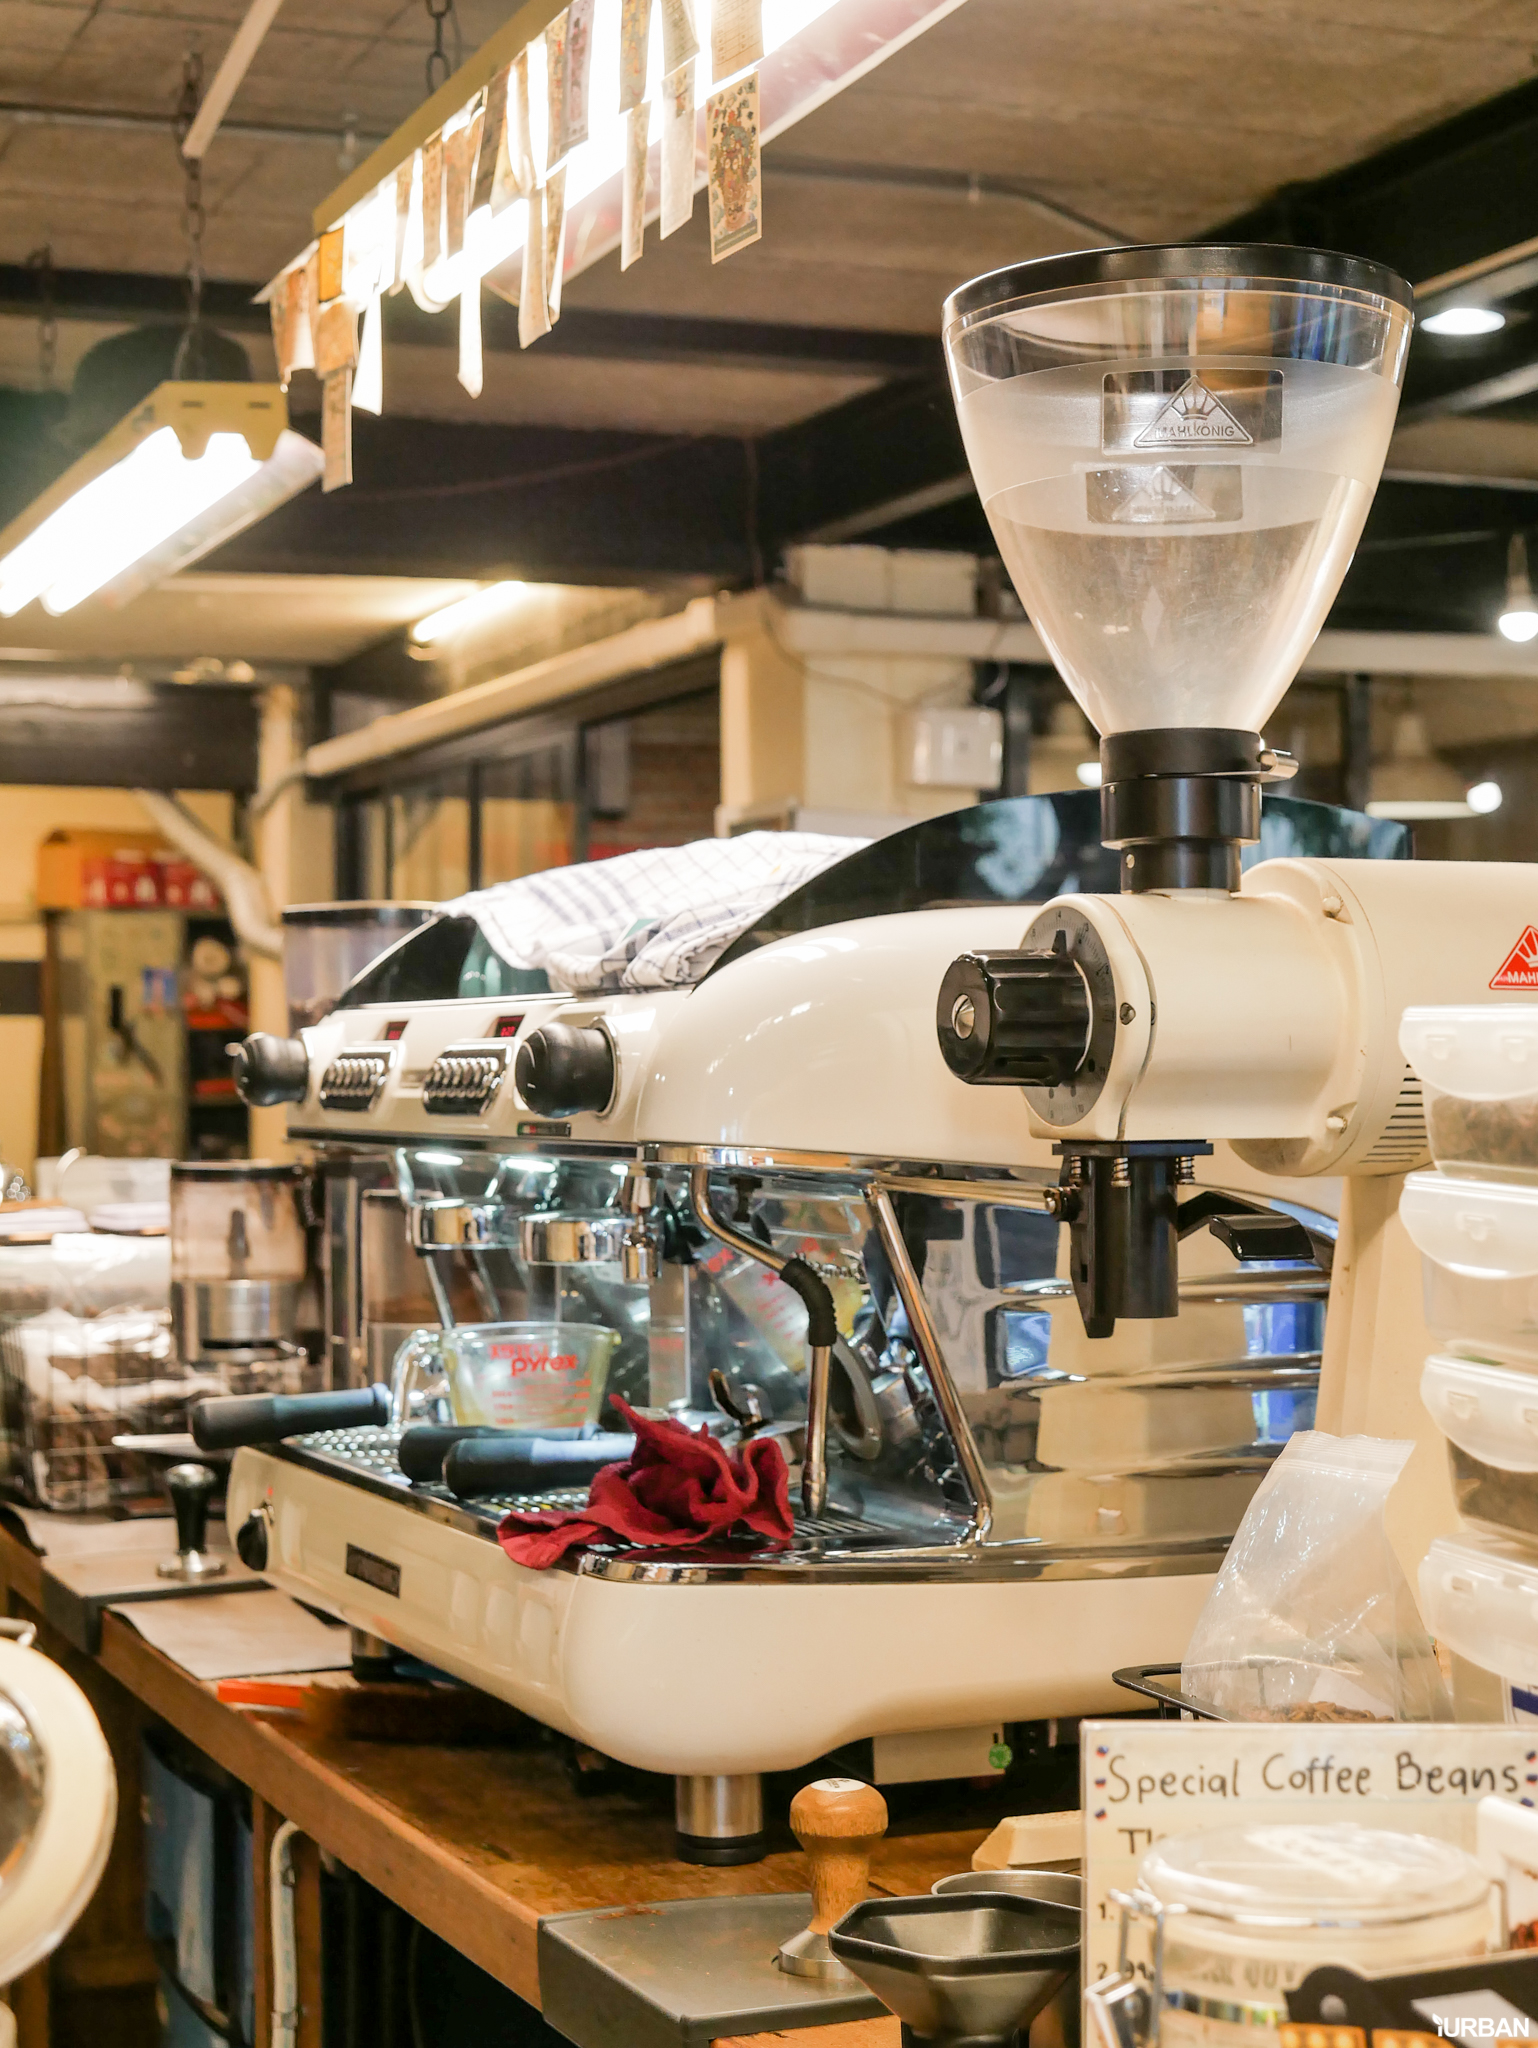 14 ร้านกาแฟ ม.เกษตร คาเฟ่สไตล์นักศึกษาและคนทำงาน + สำรวจ Co-Working Space ที่ KENSINGTON KASET CAMPUS (เคนซิงตัน เกษตร แคมปัส) 26 - cafe